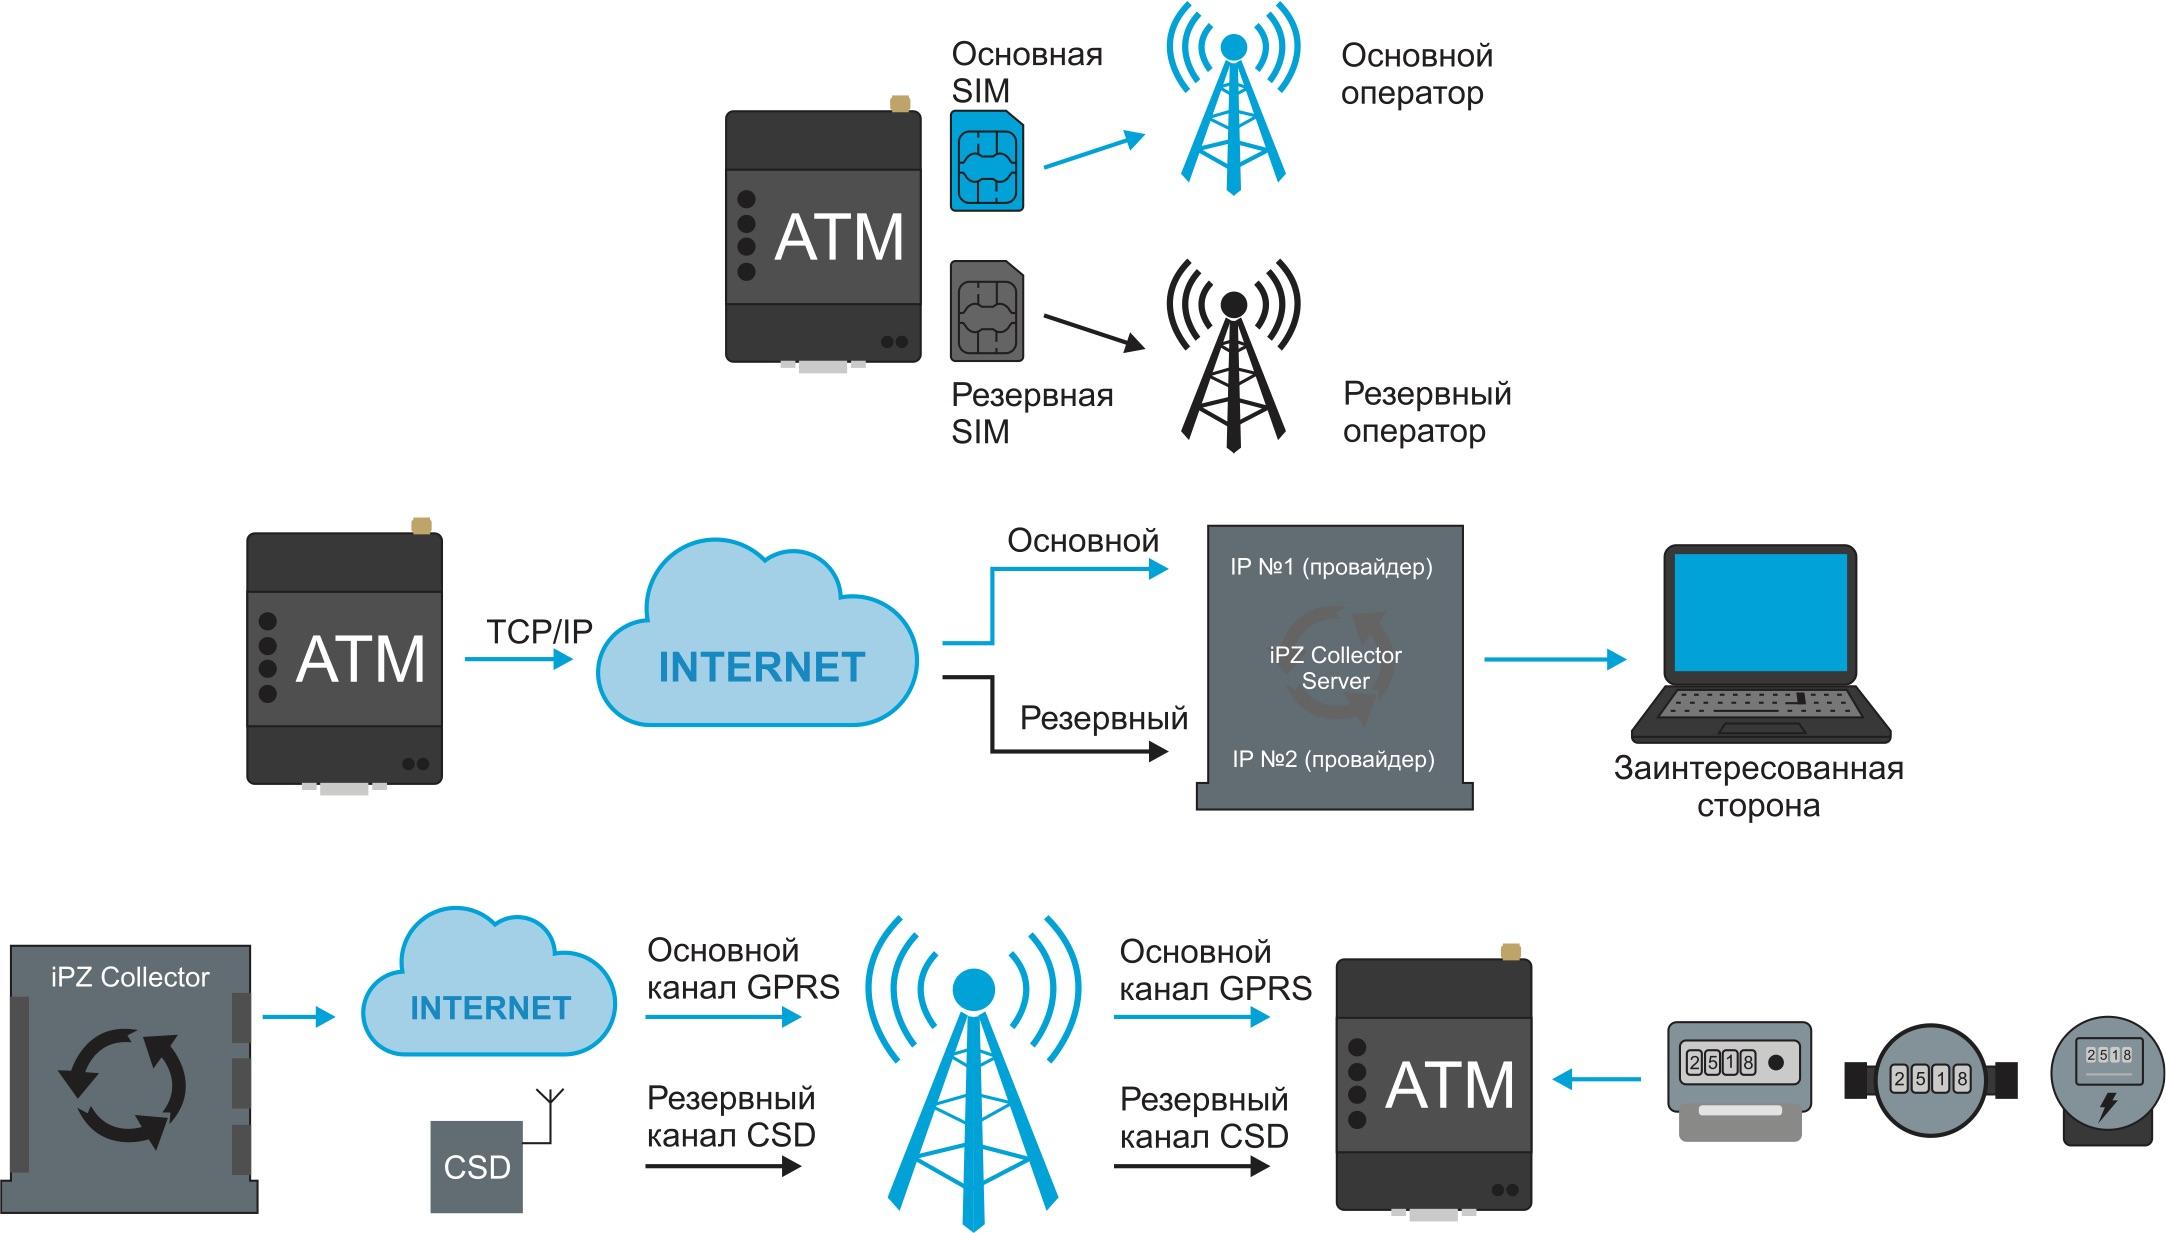 Схемы резервирования каналов связи с помощью CSD